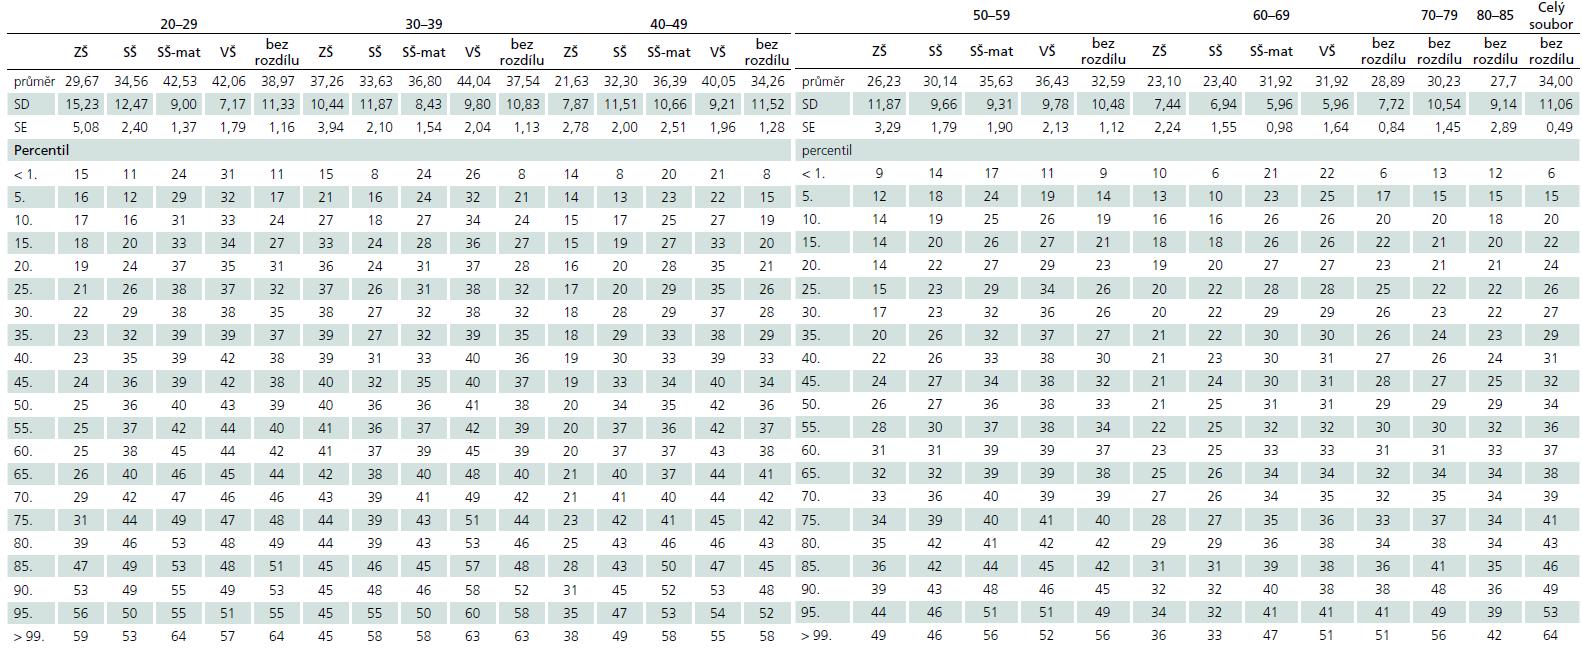 Normativní data pro skór Produktivity. Uvádíme průměr, standardní odchylku (SD), standardní chybu (SE) a percentilové normy pro jednotlivé skupiny a celý soubor.